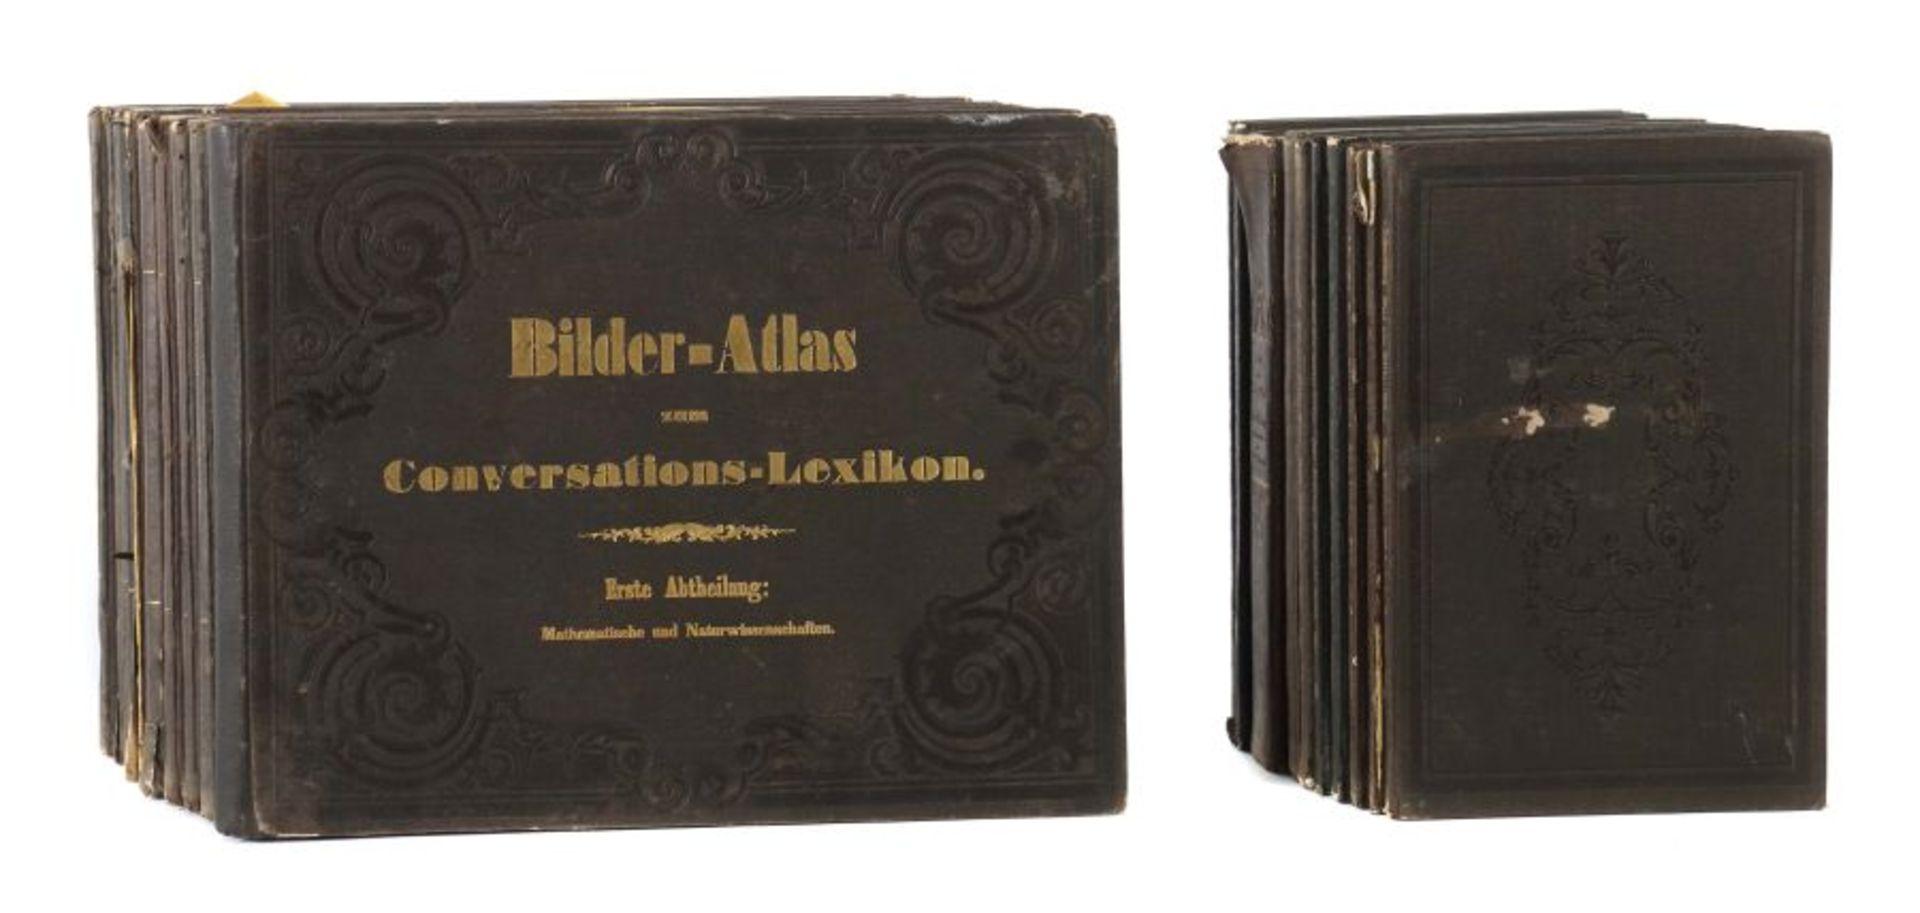 Heck, Johann Georg (bearb.) Bilder-Atlas zum Conversations-Lexikon - Ikonographische Encyklopädie - Bild 2 aus 7